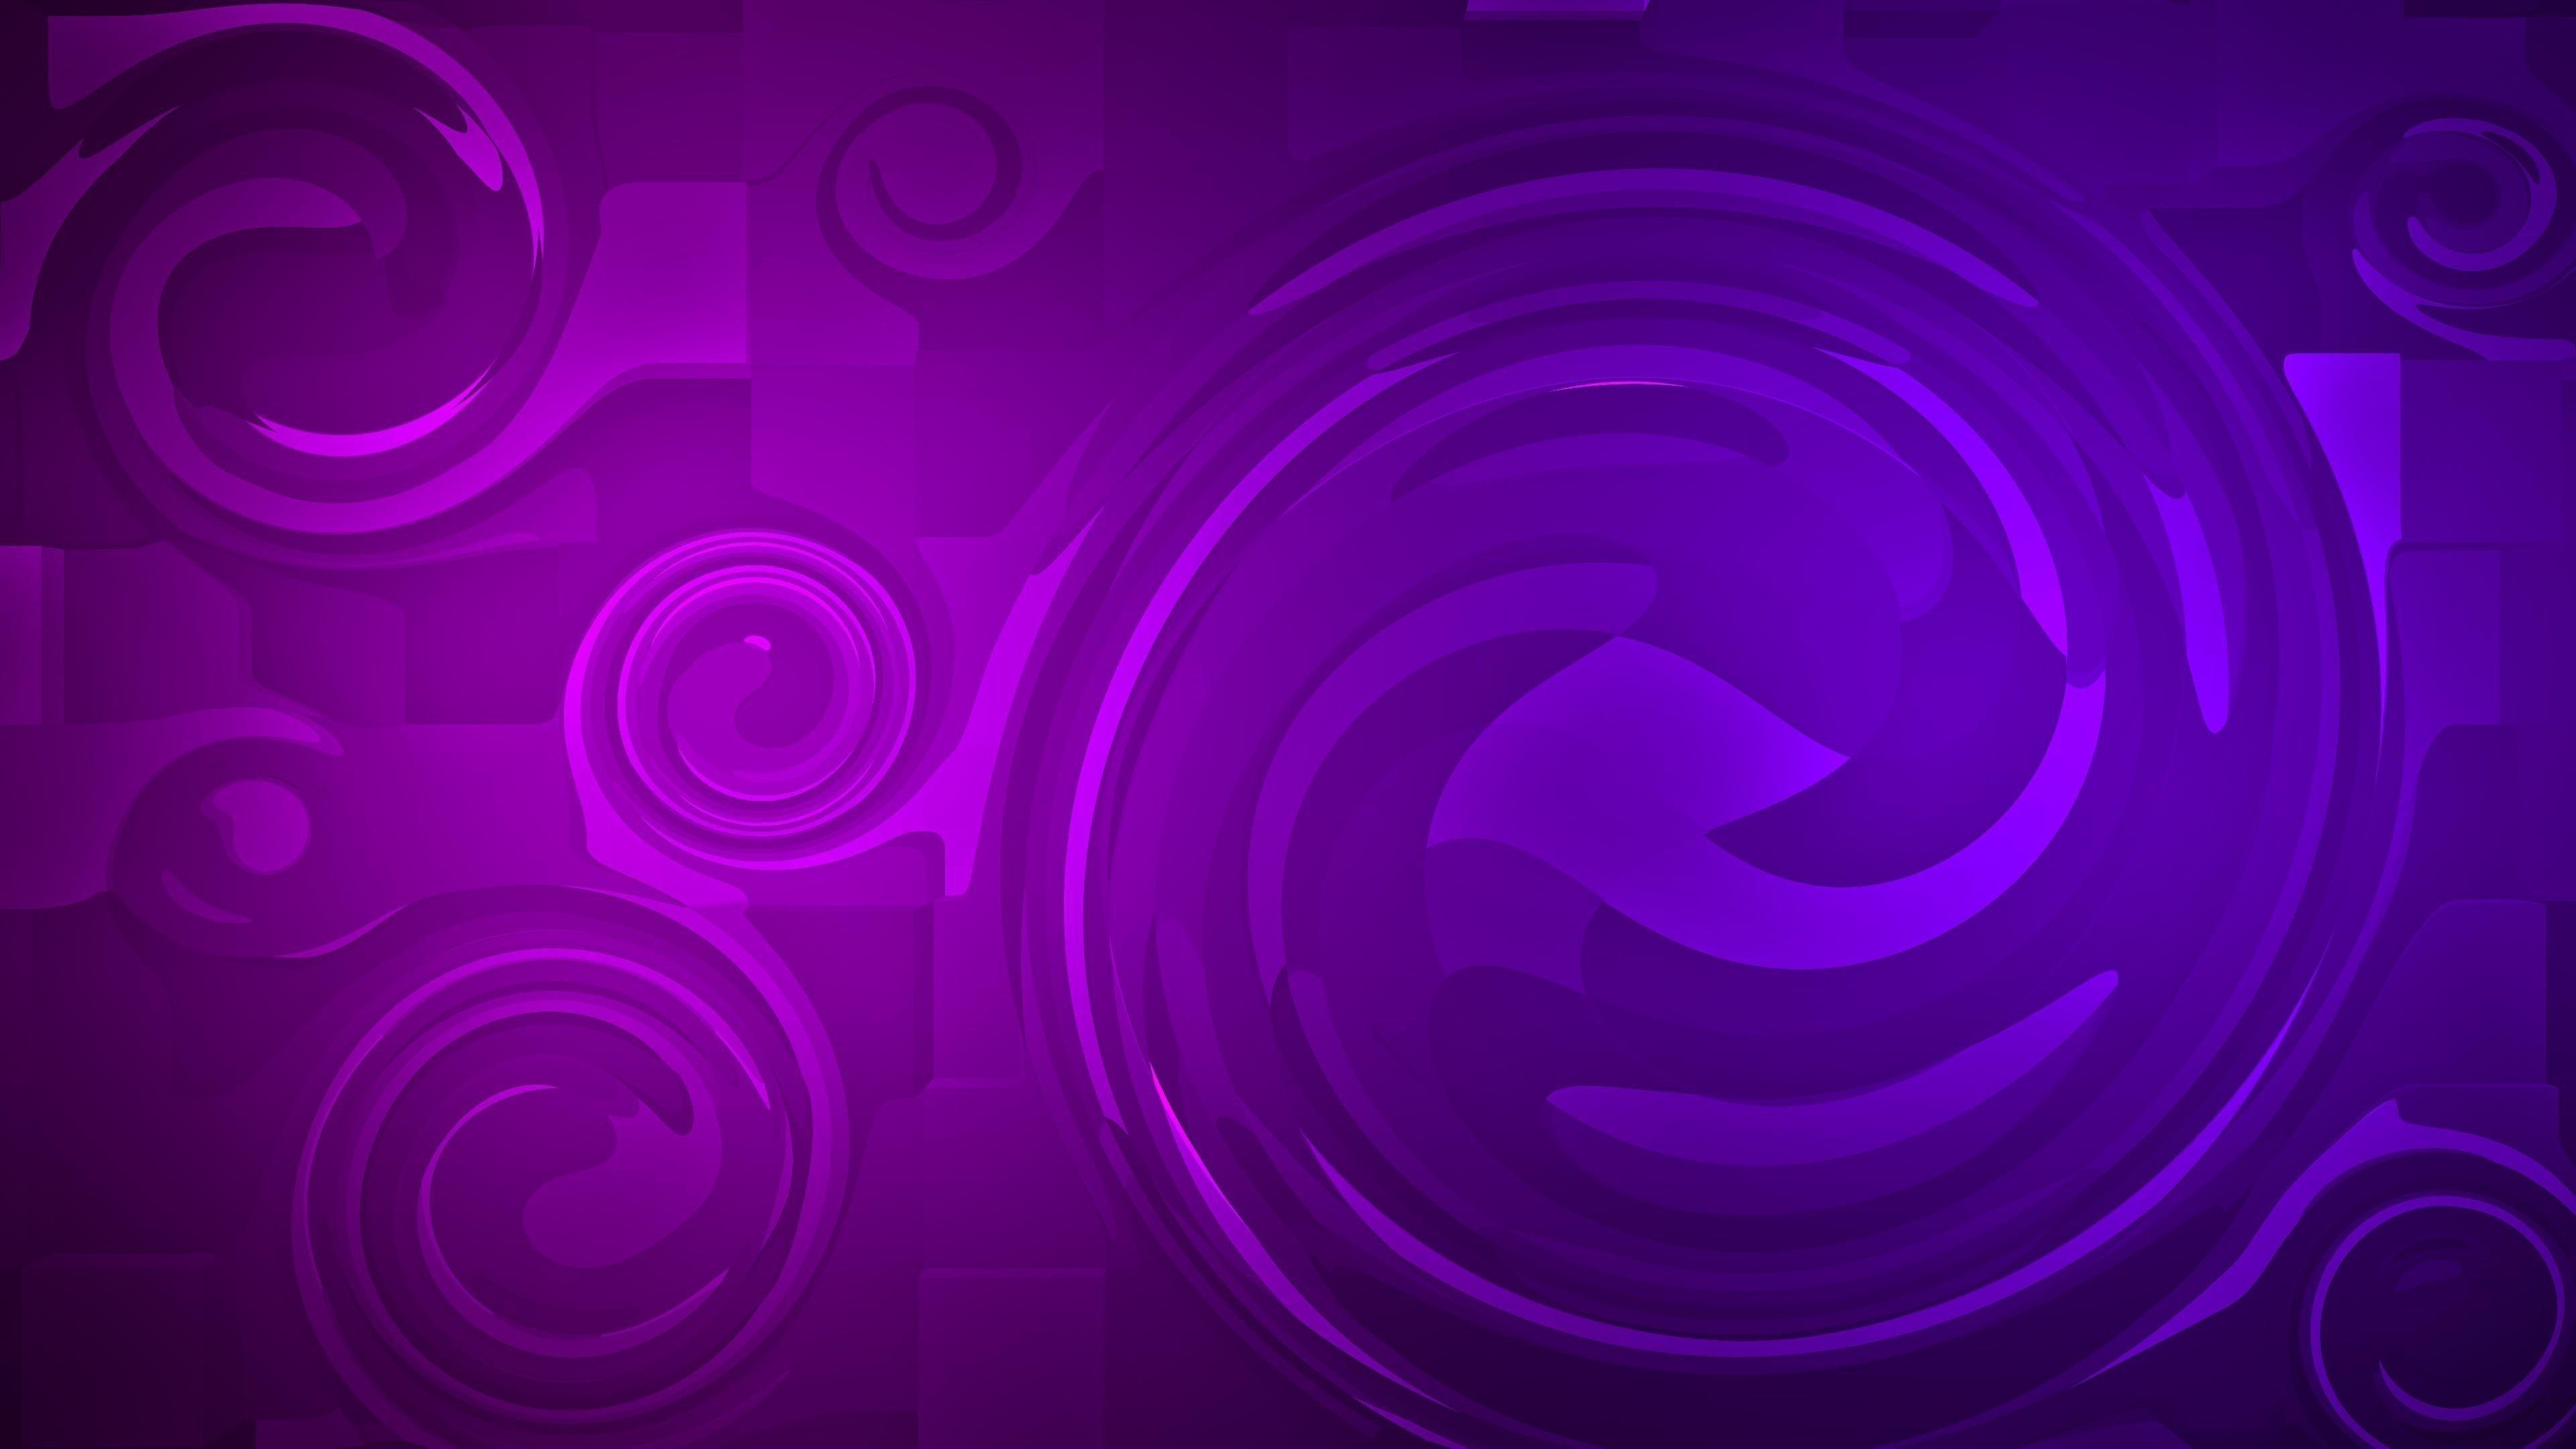 Абстрактный фиолетовый абстрактный обои скачать